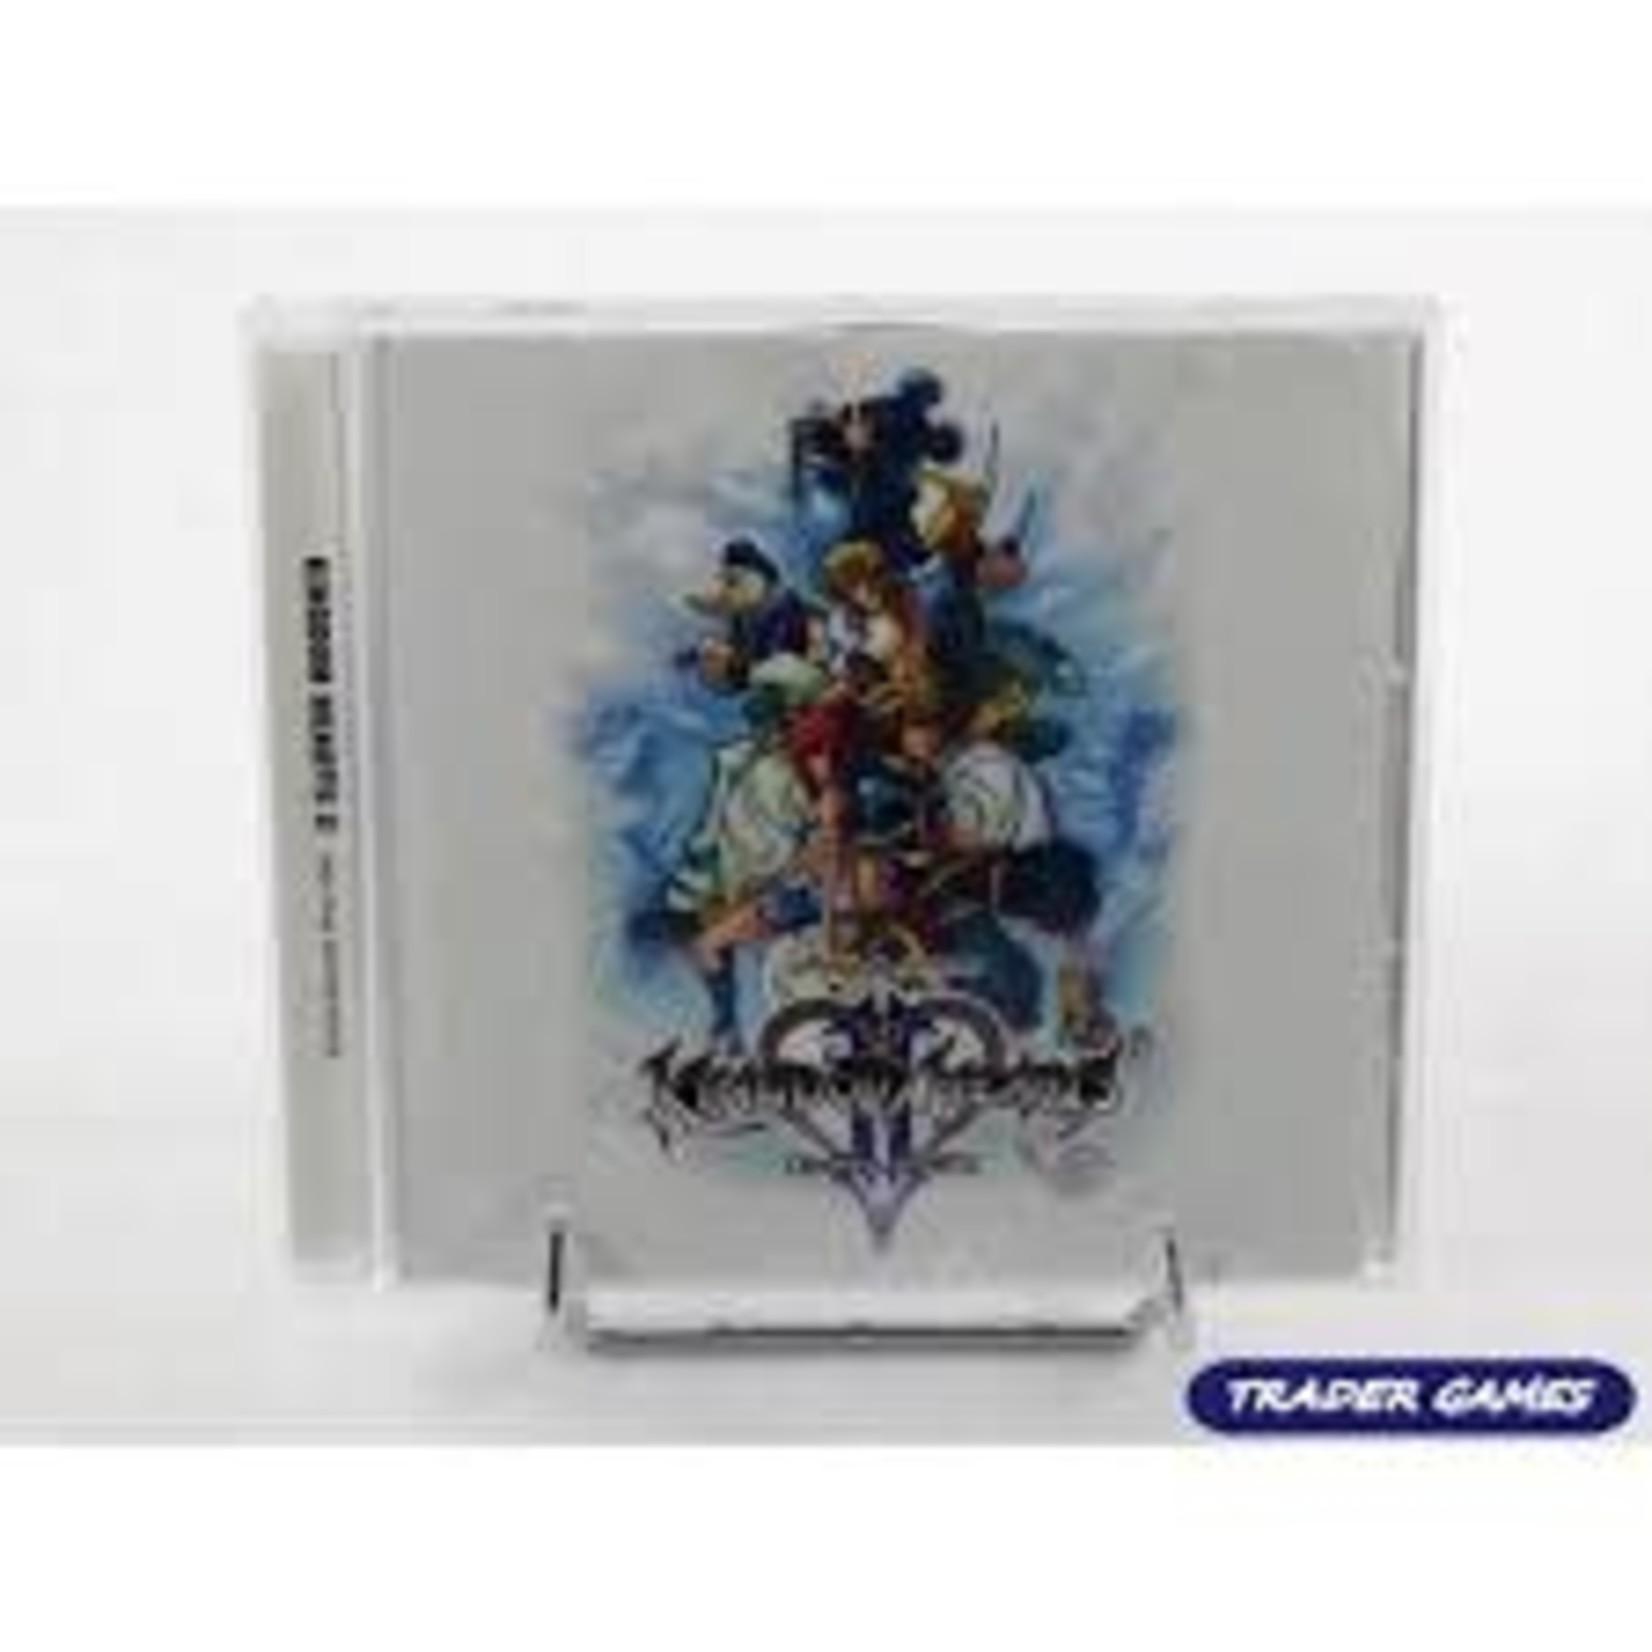 kingdom hearts ii soundtrack